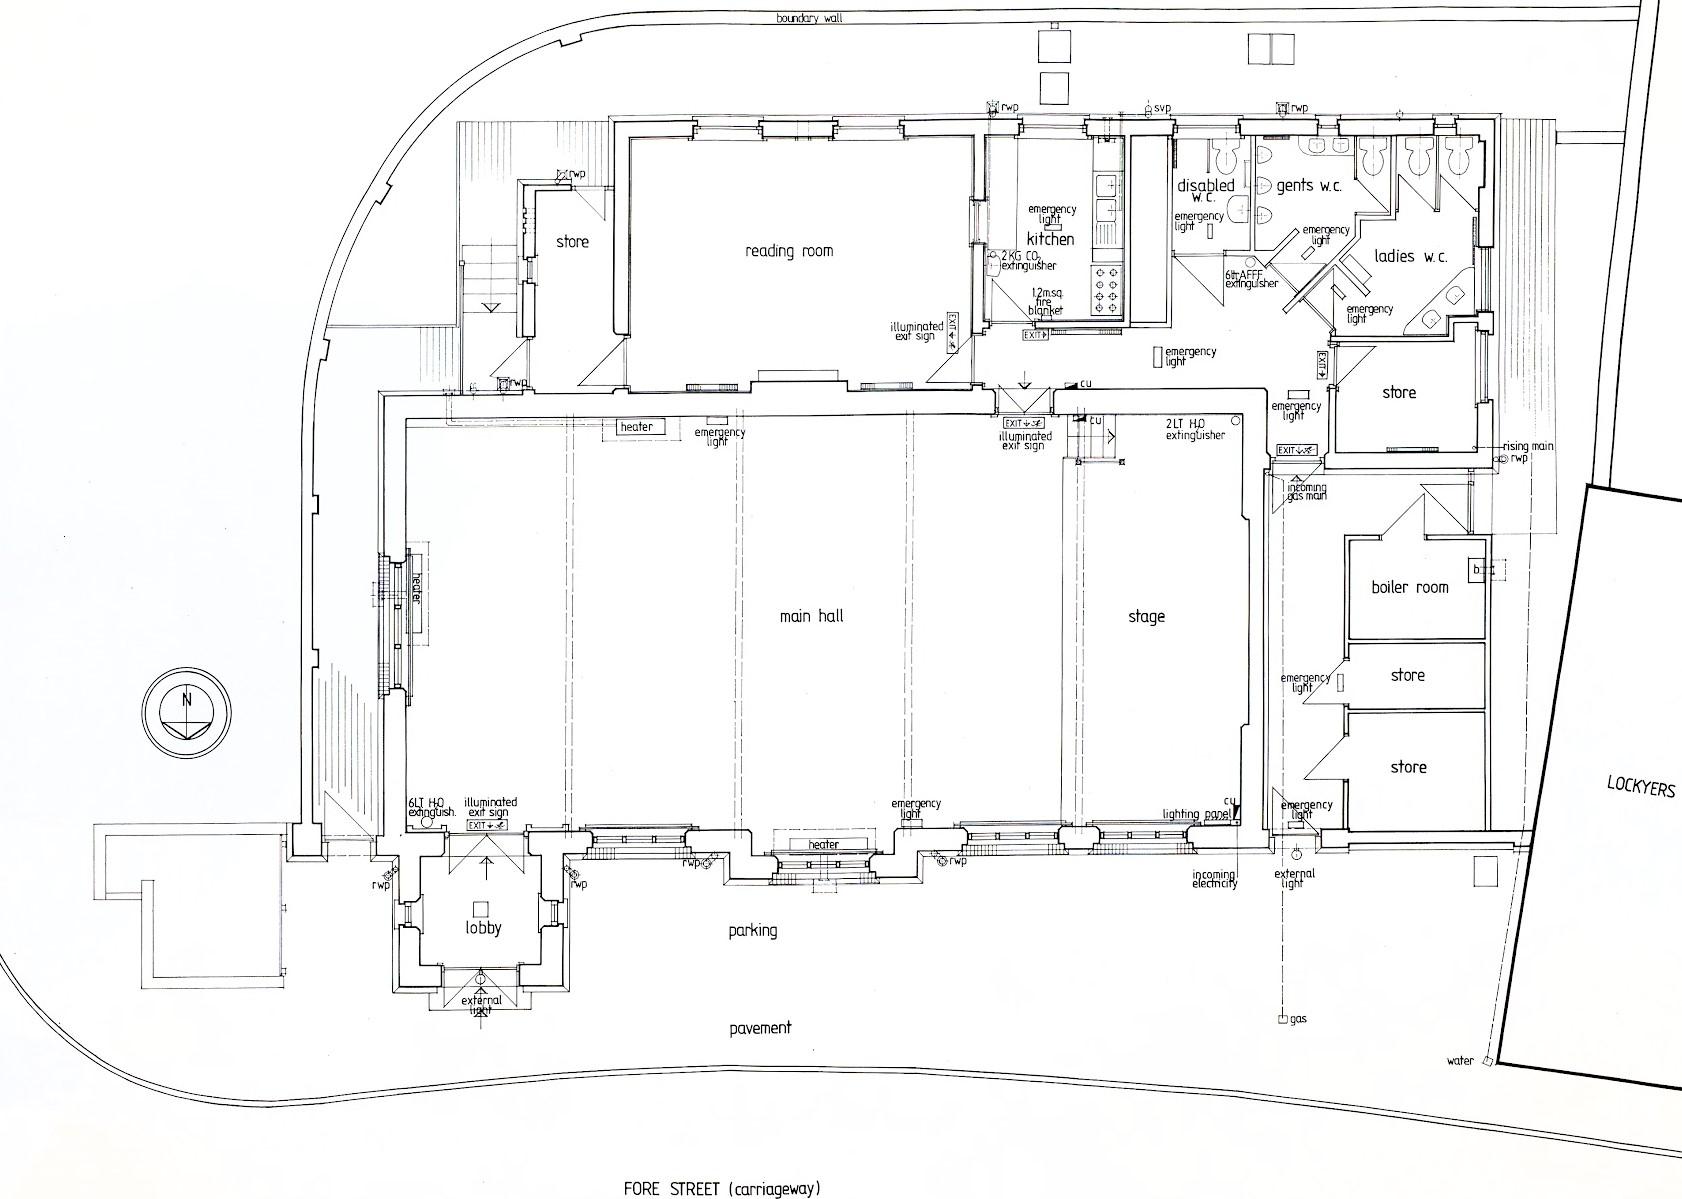 Victoria Rooms floor plan